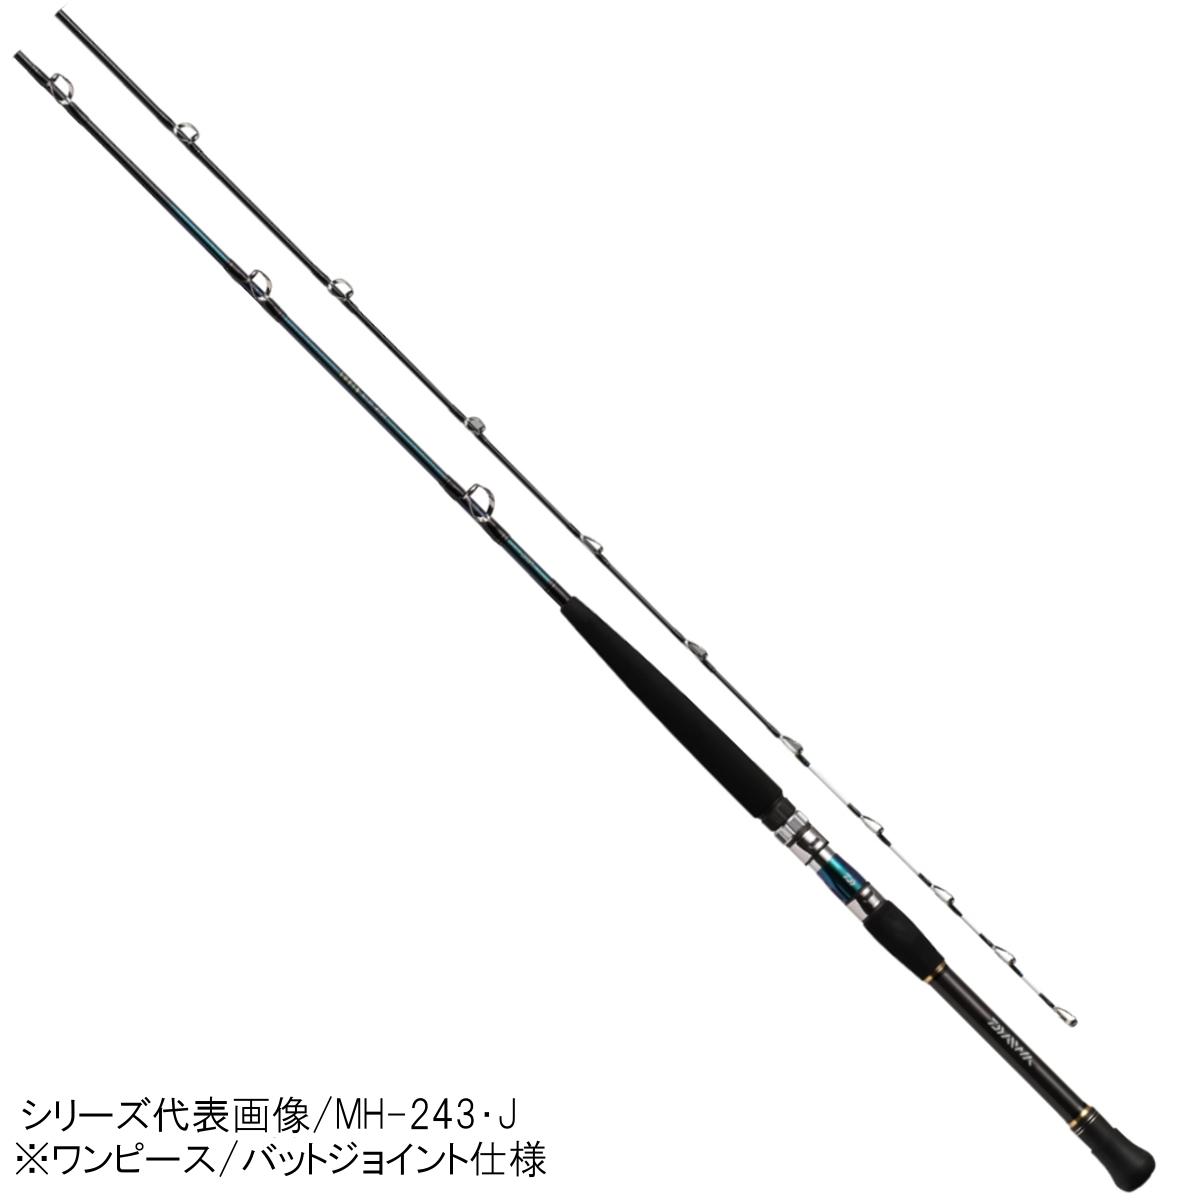 ゴウイン 落とし込み H-243・J ダイワ【大型商品】【同梱不可】